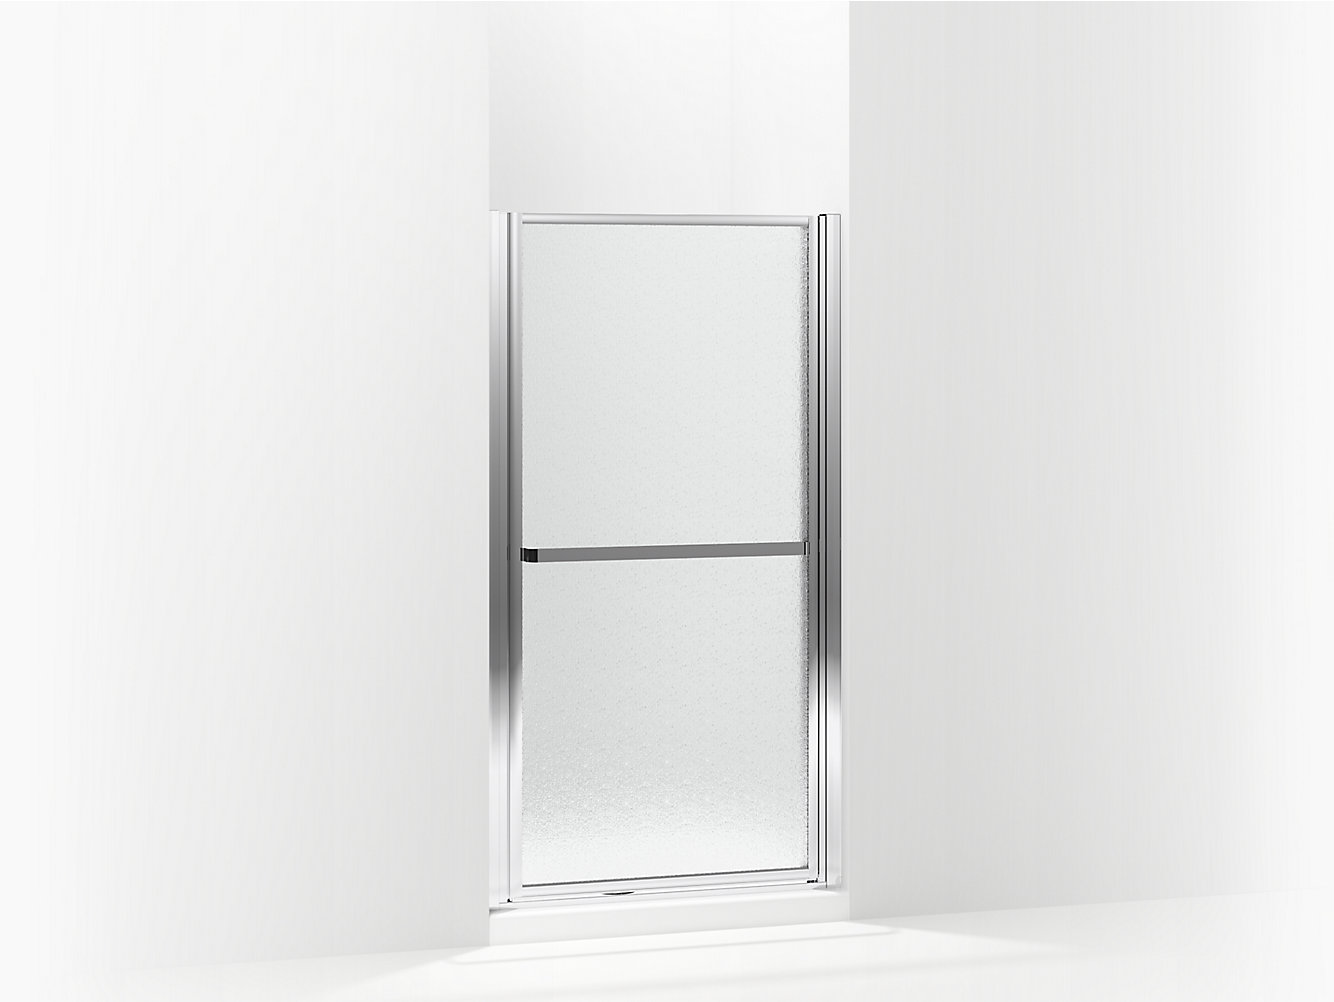 Finesse Framed Swinging Shower Door 33\